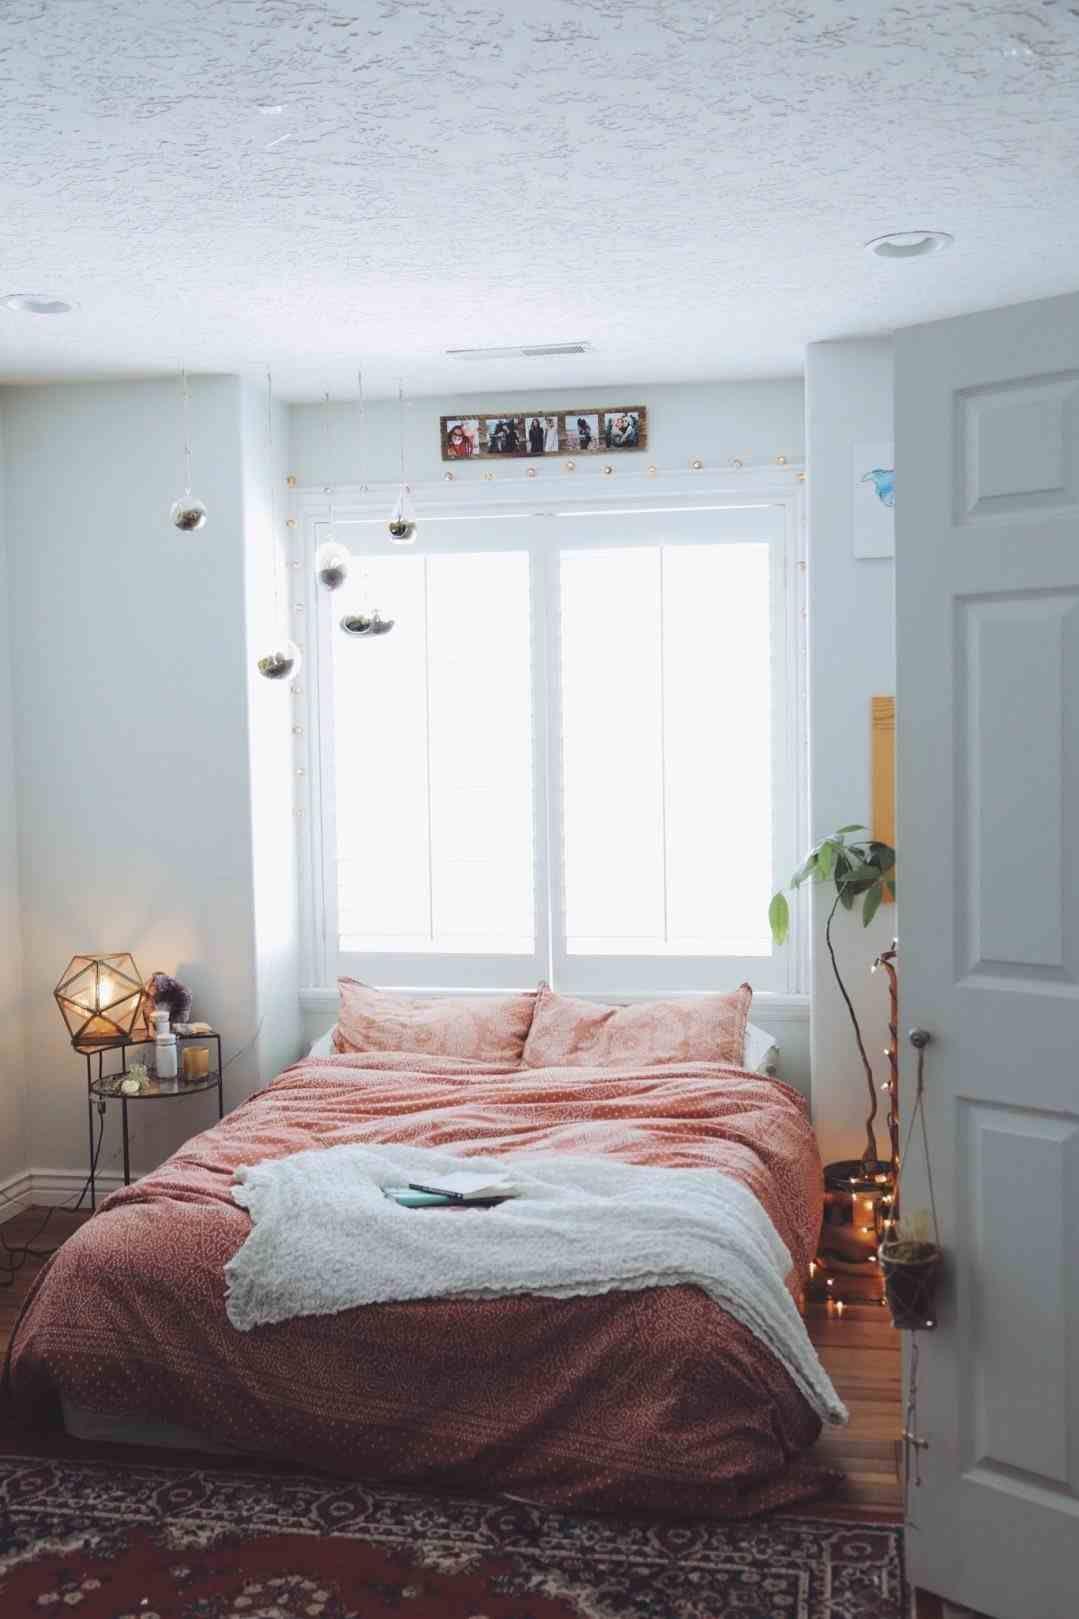 tumblr room ideas 2017 | Home Ideas | Pinterest | Room ideas, Room ...